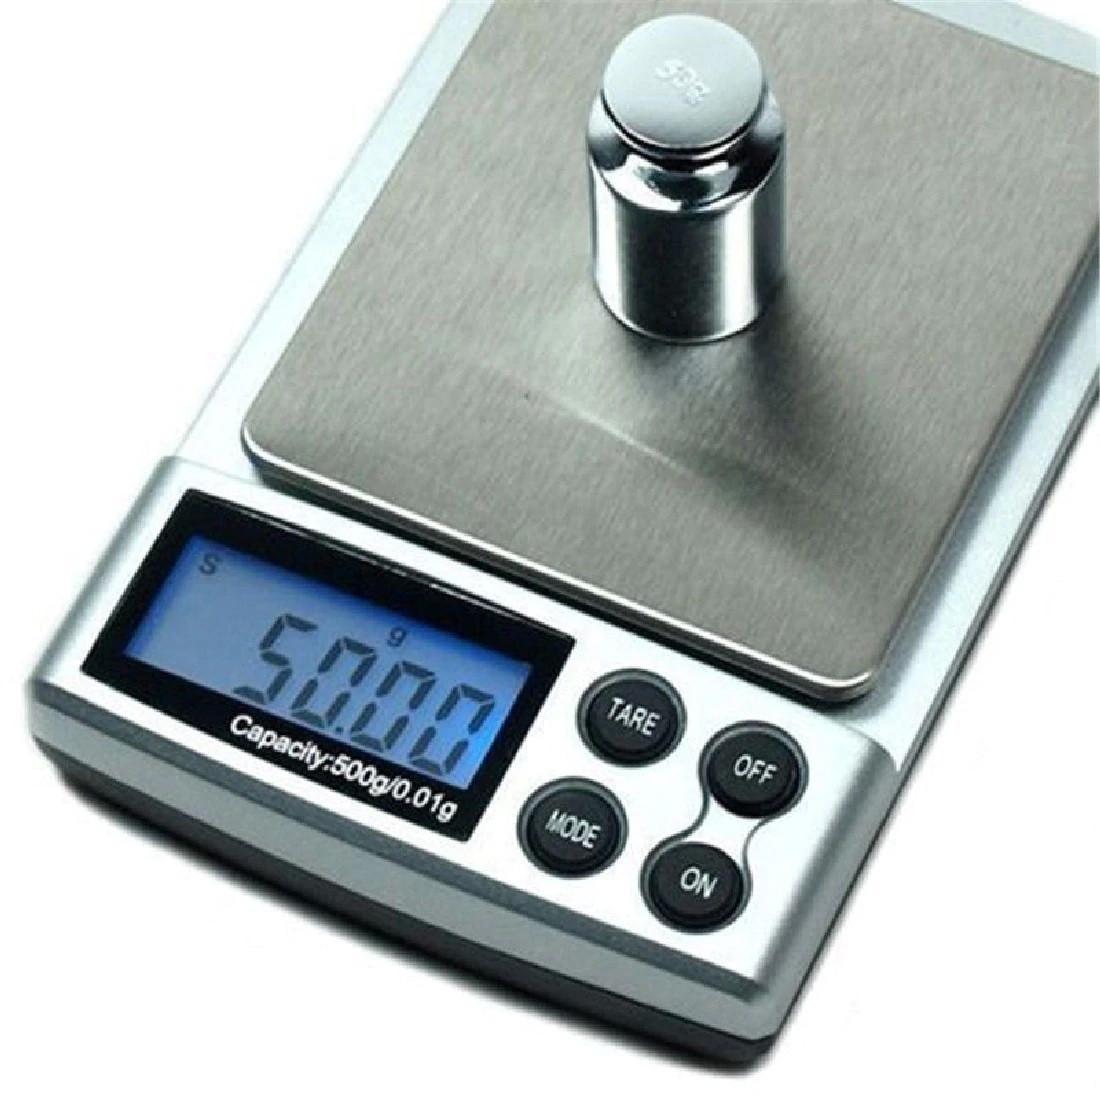 Весы ювелирные ZC20601 2 кг (проверенные + батарейки)